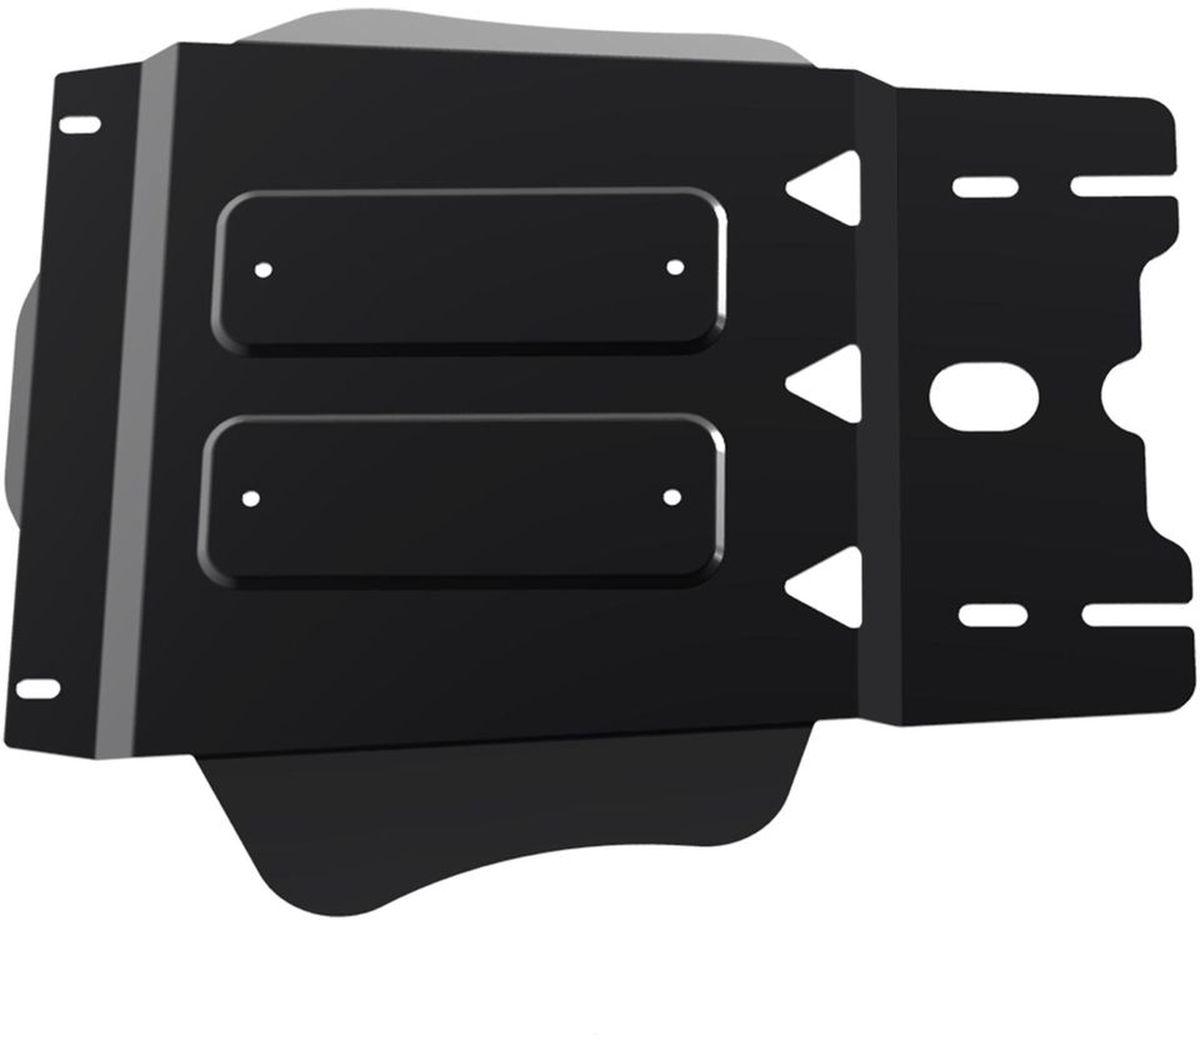 Защита КПП и РК Автоброня, для Lada 4х4 и, V - все (2001-)1004900000360Технологически совершенный продукт за невысокую стоимость.Защита разработана с учетом особенностей днища автомобиля, что позволяет сохранить дорожный просвет с минимальным изменением.Защита устанавливается в штатные места кузова автомобиля. Глубокий штамп обеспечивает до двух раз больше жесткости в сравнении с обычной защитой той же толщины. Проштампованные ребра жесткости препятствуют деформации защиты при ударах.Тепловой зазор и вентиляционные отверстия обеспечивают сохранение температурного режима двигателя в норме. Скрытый крепеж предотвращает срыв крепежных элементов при наезде на препятствие.Шумопоглощающие резиновые элементы обеспечивают комфортную езду без вибраций и скрежета металла, а съемные лючки для слива масла и замены фильтра - экономию средств и время.Конструкция изделия не влияет на пассивную безопасность автомобиля (при ударе защита не воздействует на деформационные зоны кузова). Со штатным крепежом. В комплекте инструкция по установке.Толщина стали: 2 мм.Уважаемые клиенты!Обращаем ваше внимание, что элемент защиты имеет форму, соответствующую модели данного автомобиля. Фото служит для визуального восприятия товара и может отличаться от фактического.